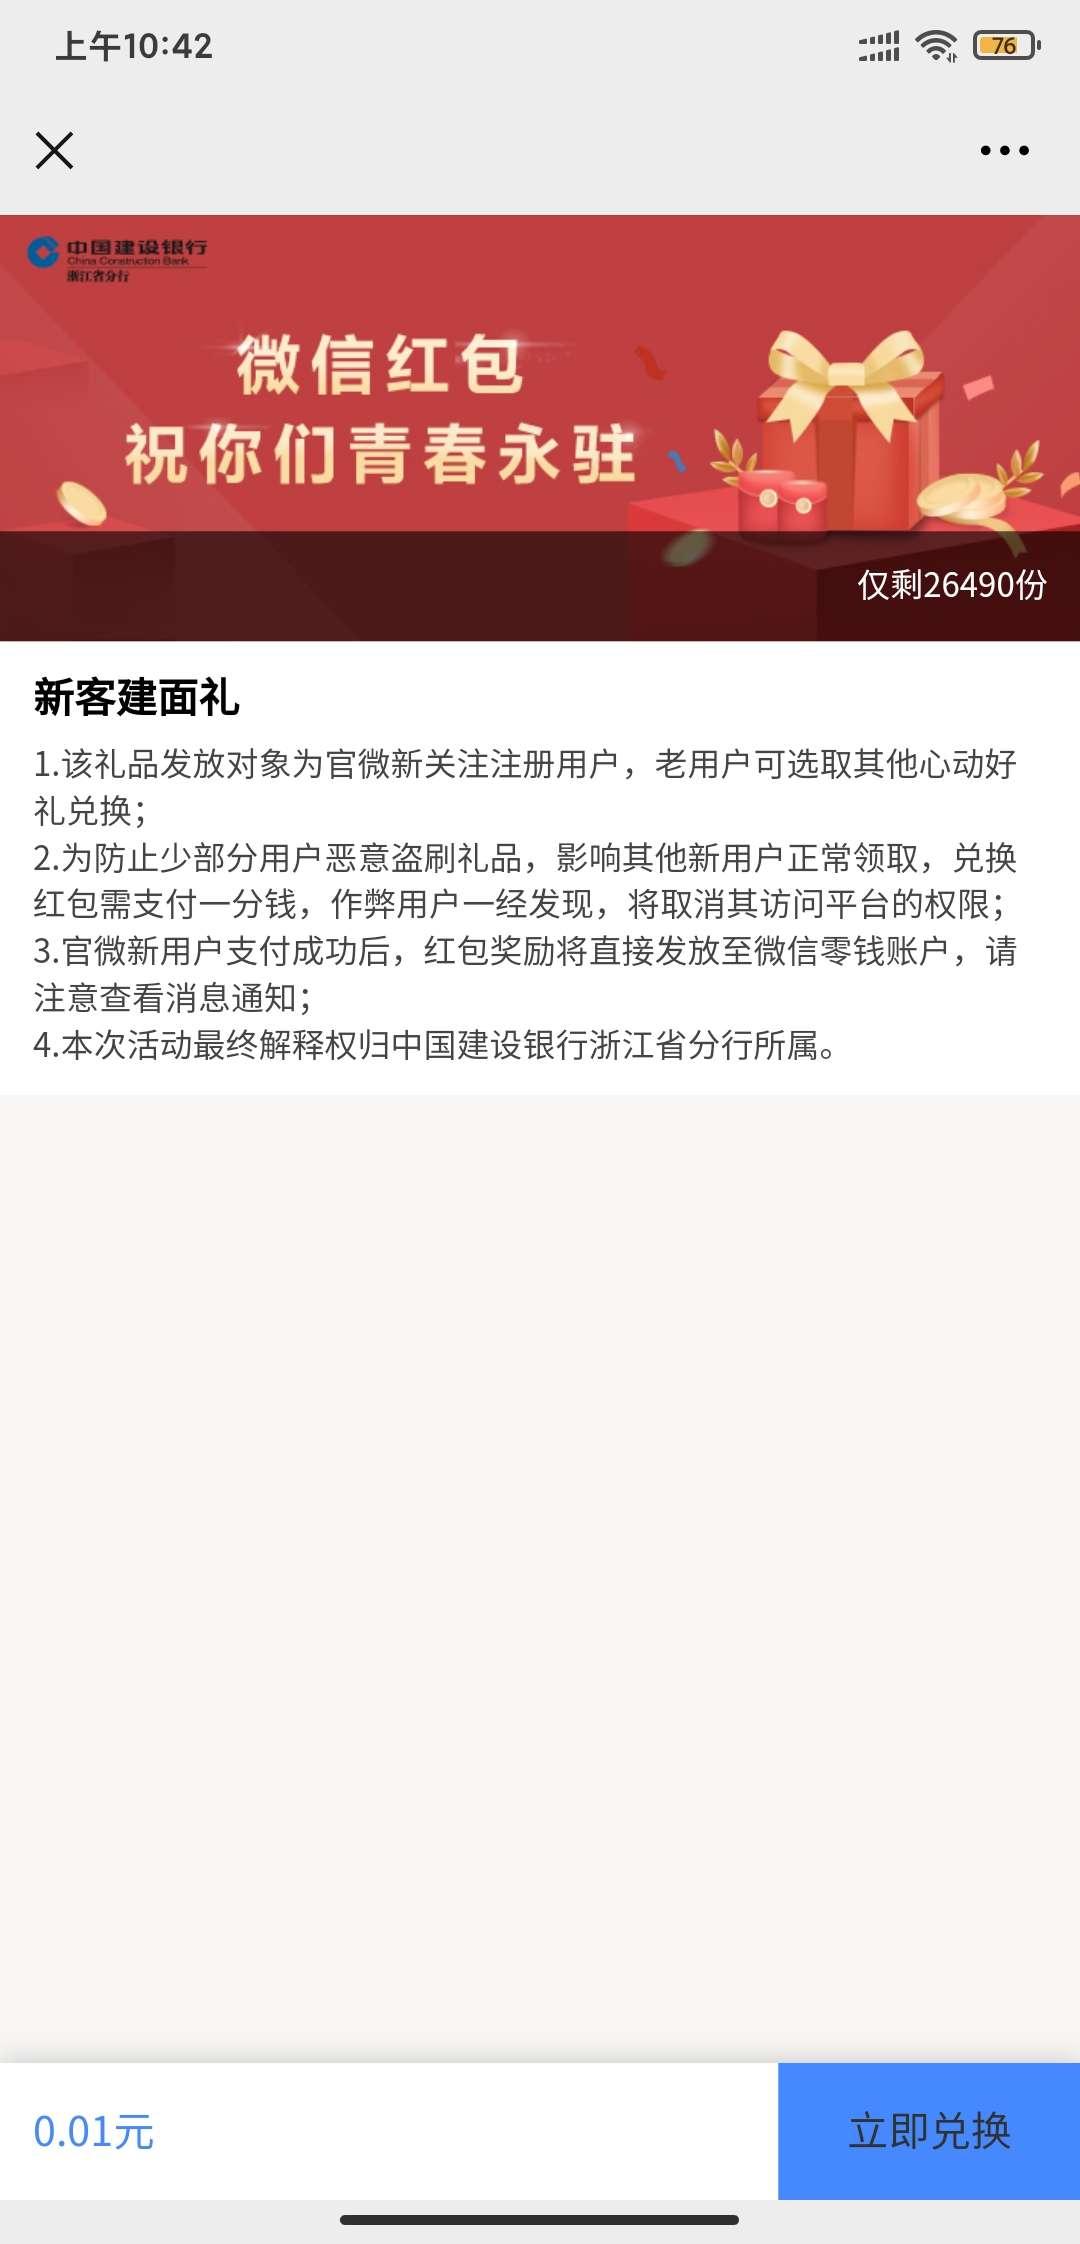 微信领红包    (必中)-聚合资源网